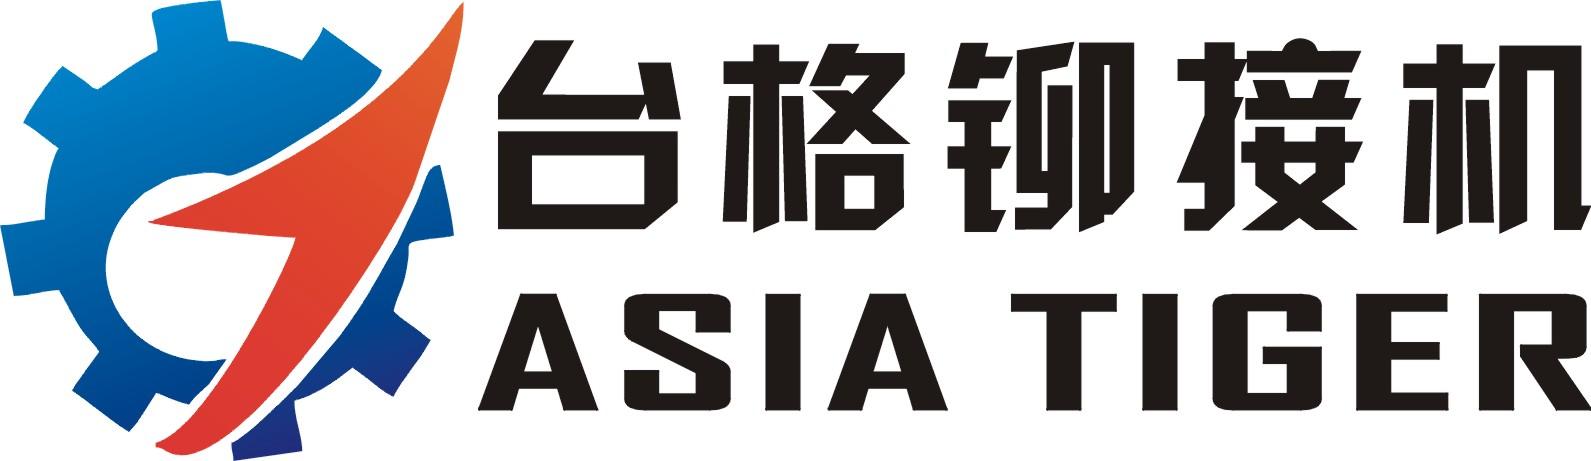 上海台格自动化设备有限公司2018招聘信息_电话_地址